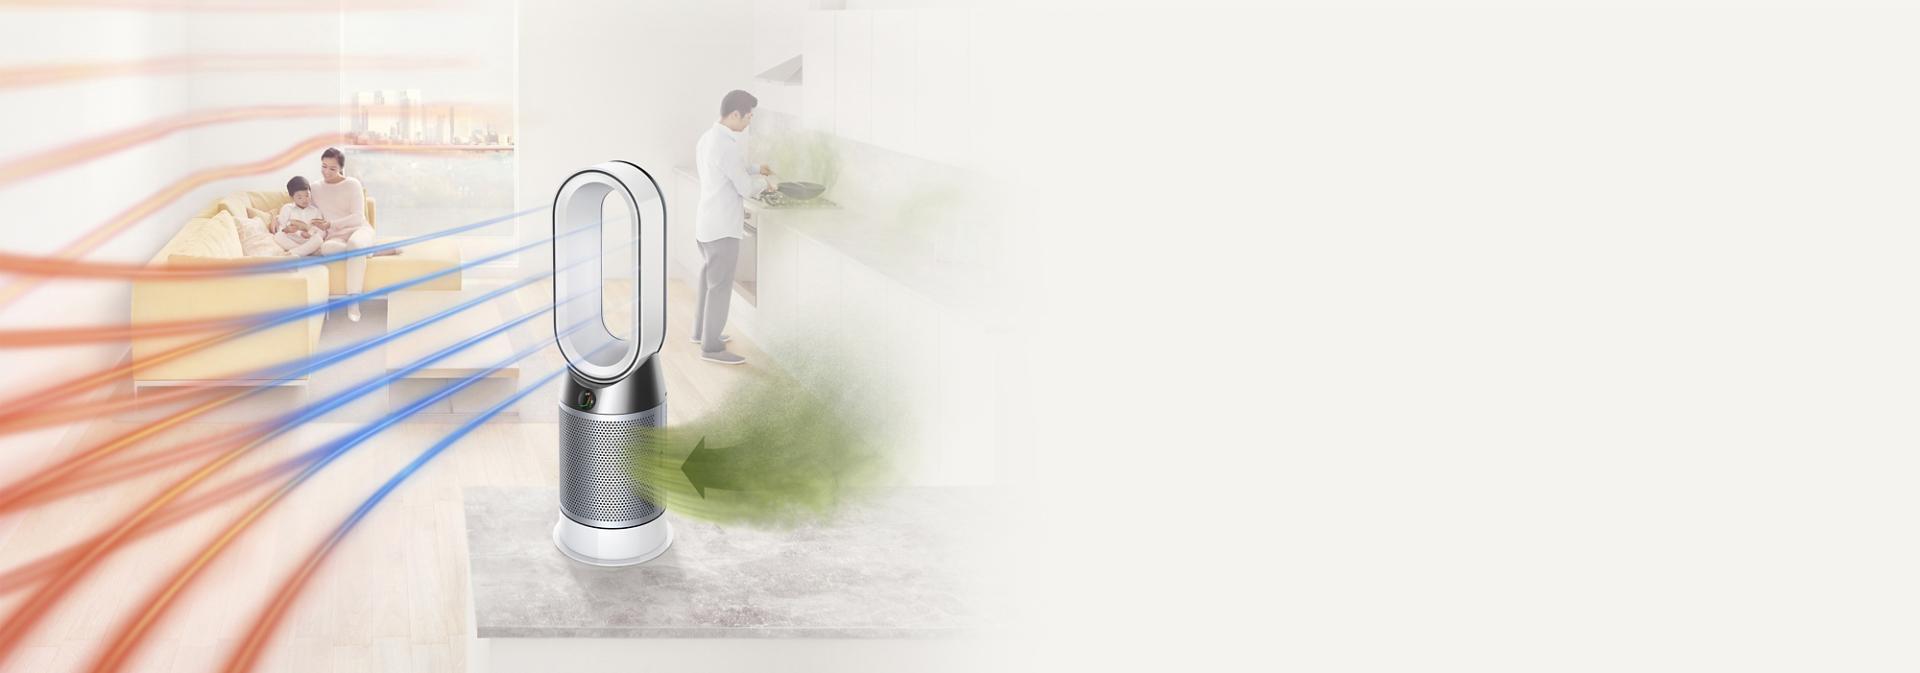 מסנן האוויר Dyson Pure Hot+Cool  מקרין אוויר וחימום מסוננים בחדר